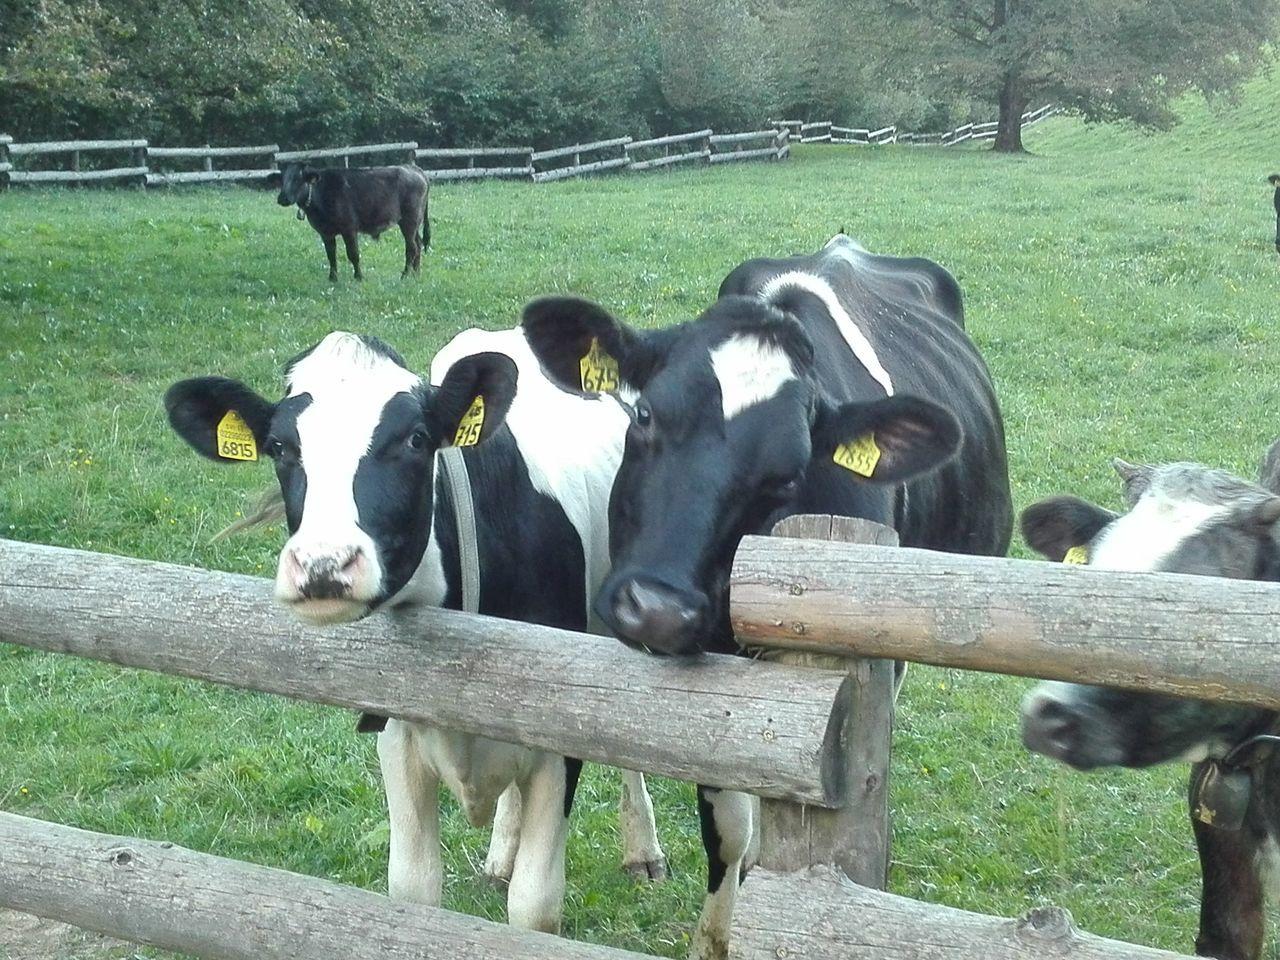 Malga Grassi Trentino Alto Adige Trentino  Mucca Cow Cowntry Milk Nature